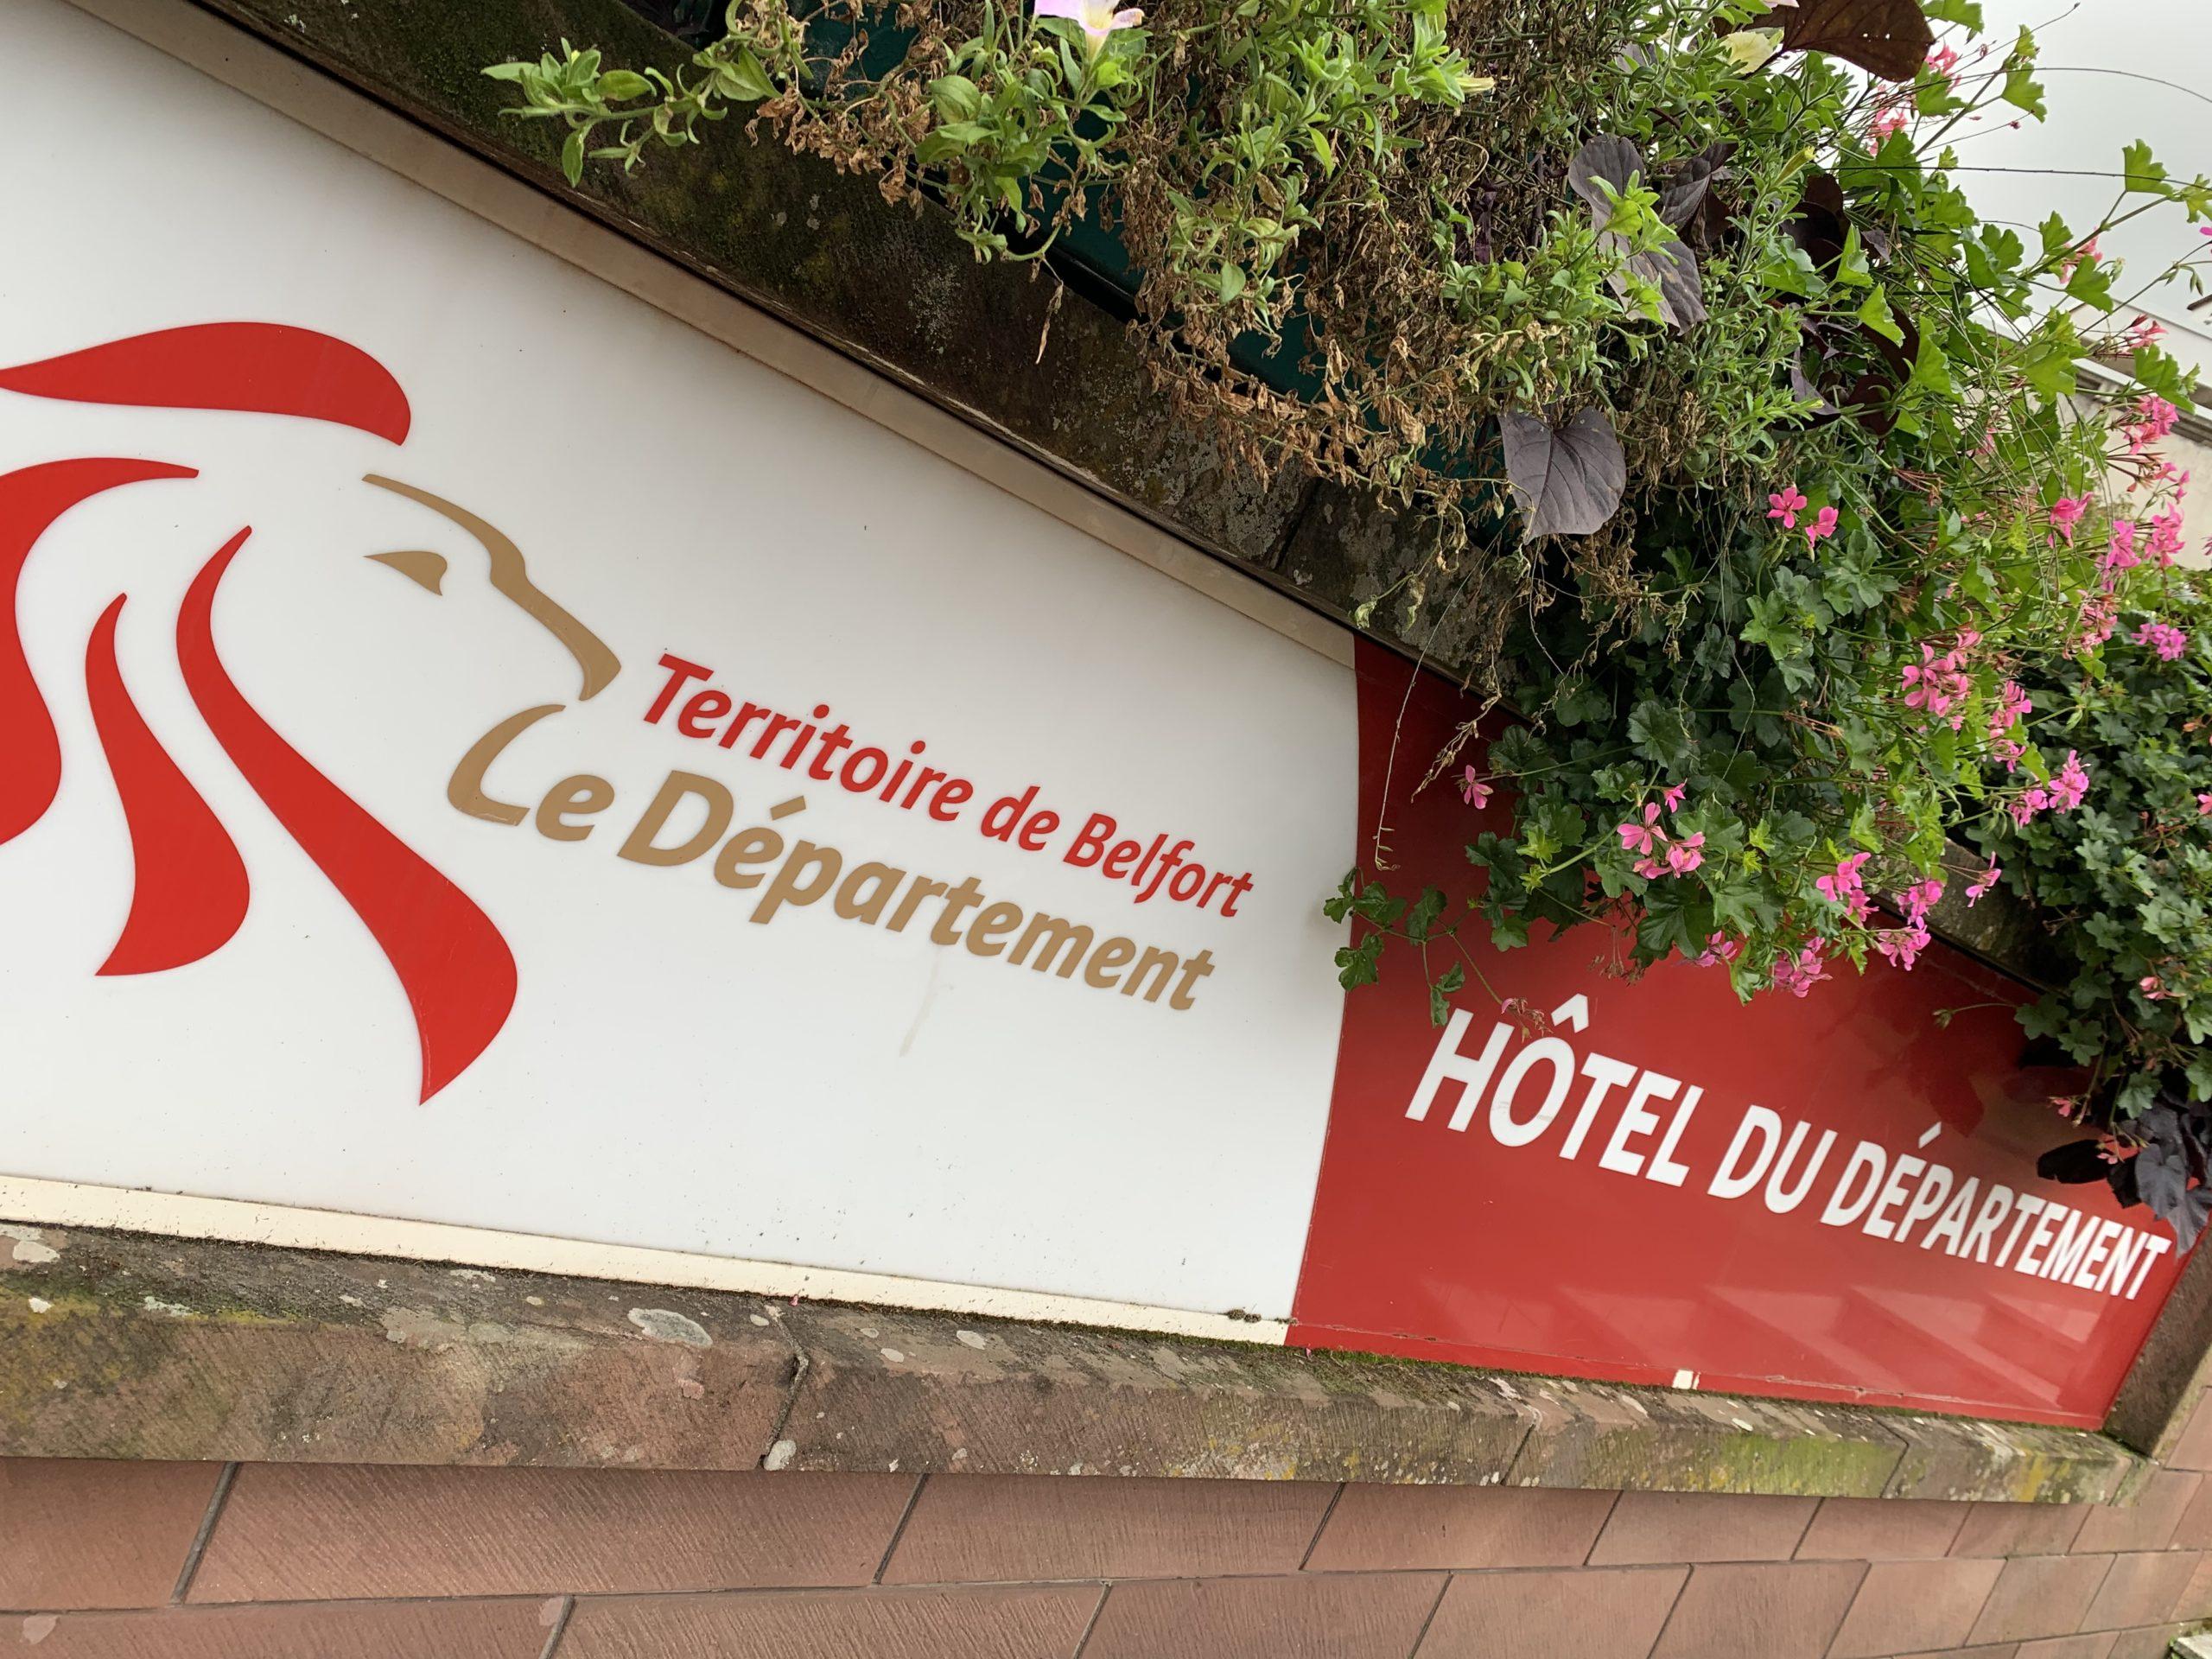 Hôtel du Département, du conseil départemental du Territoire de Belfort, à Belfort.